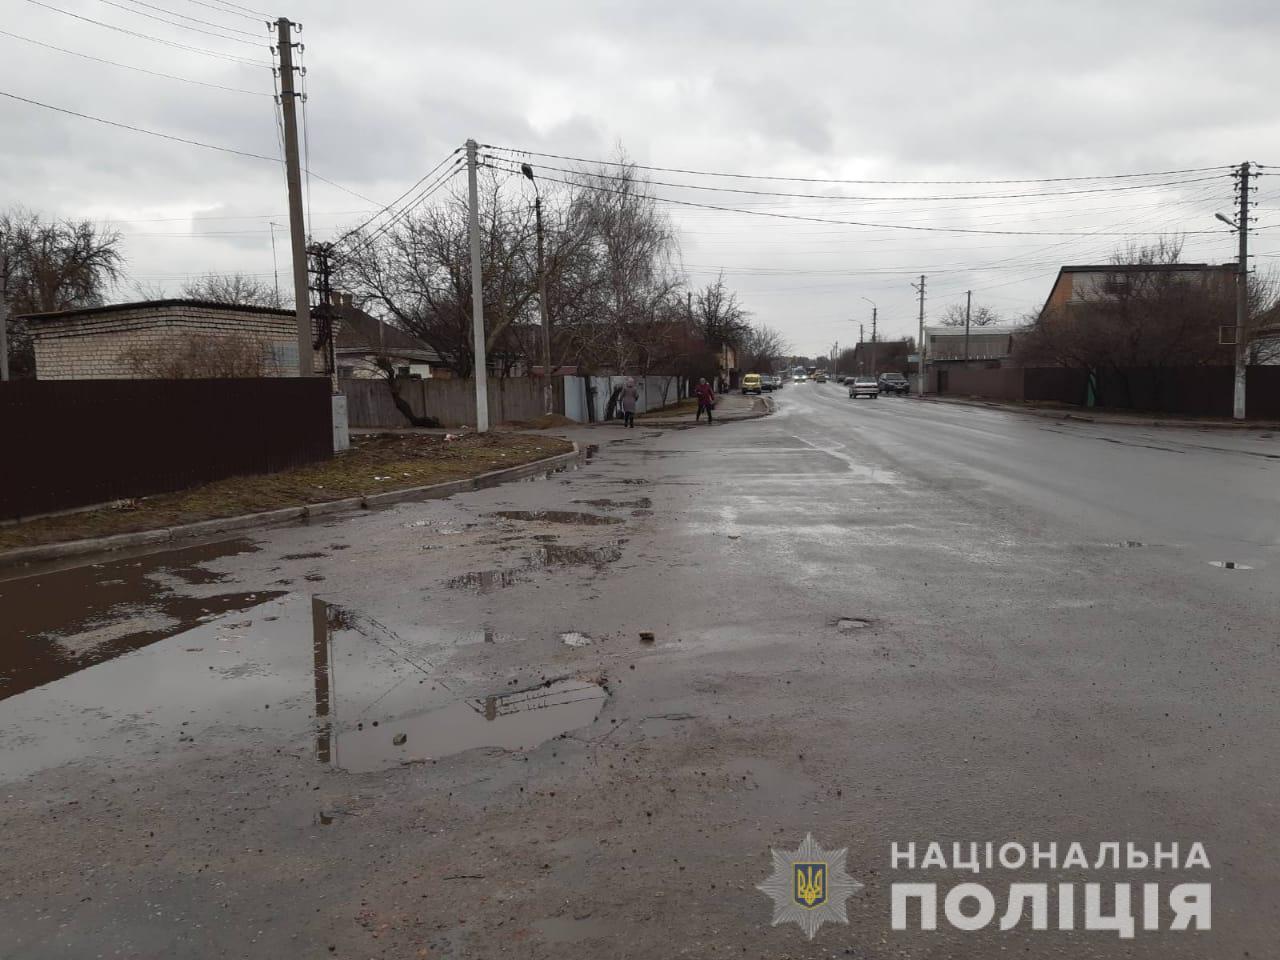 У Переяславі водій легковика збив бабусю -  - WhatsApp Image 2020 01 31 at 10.18.20